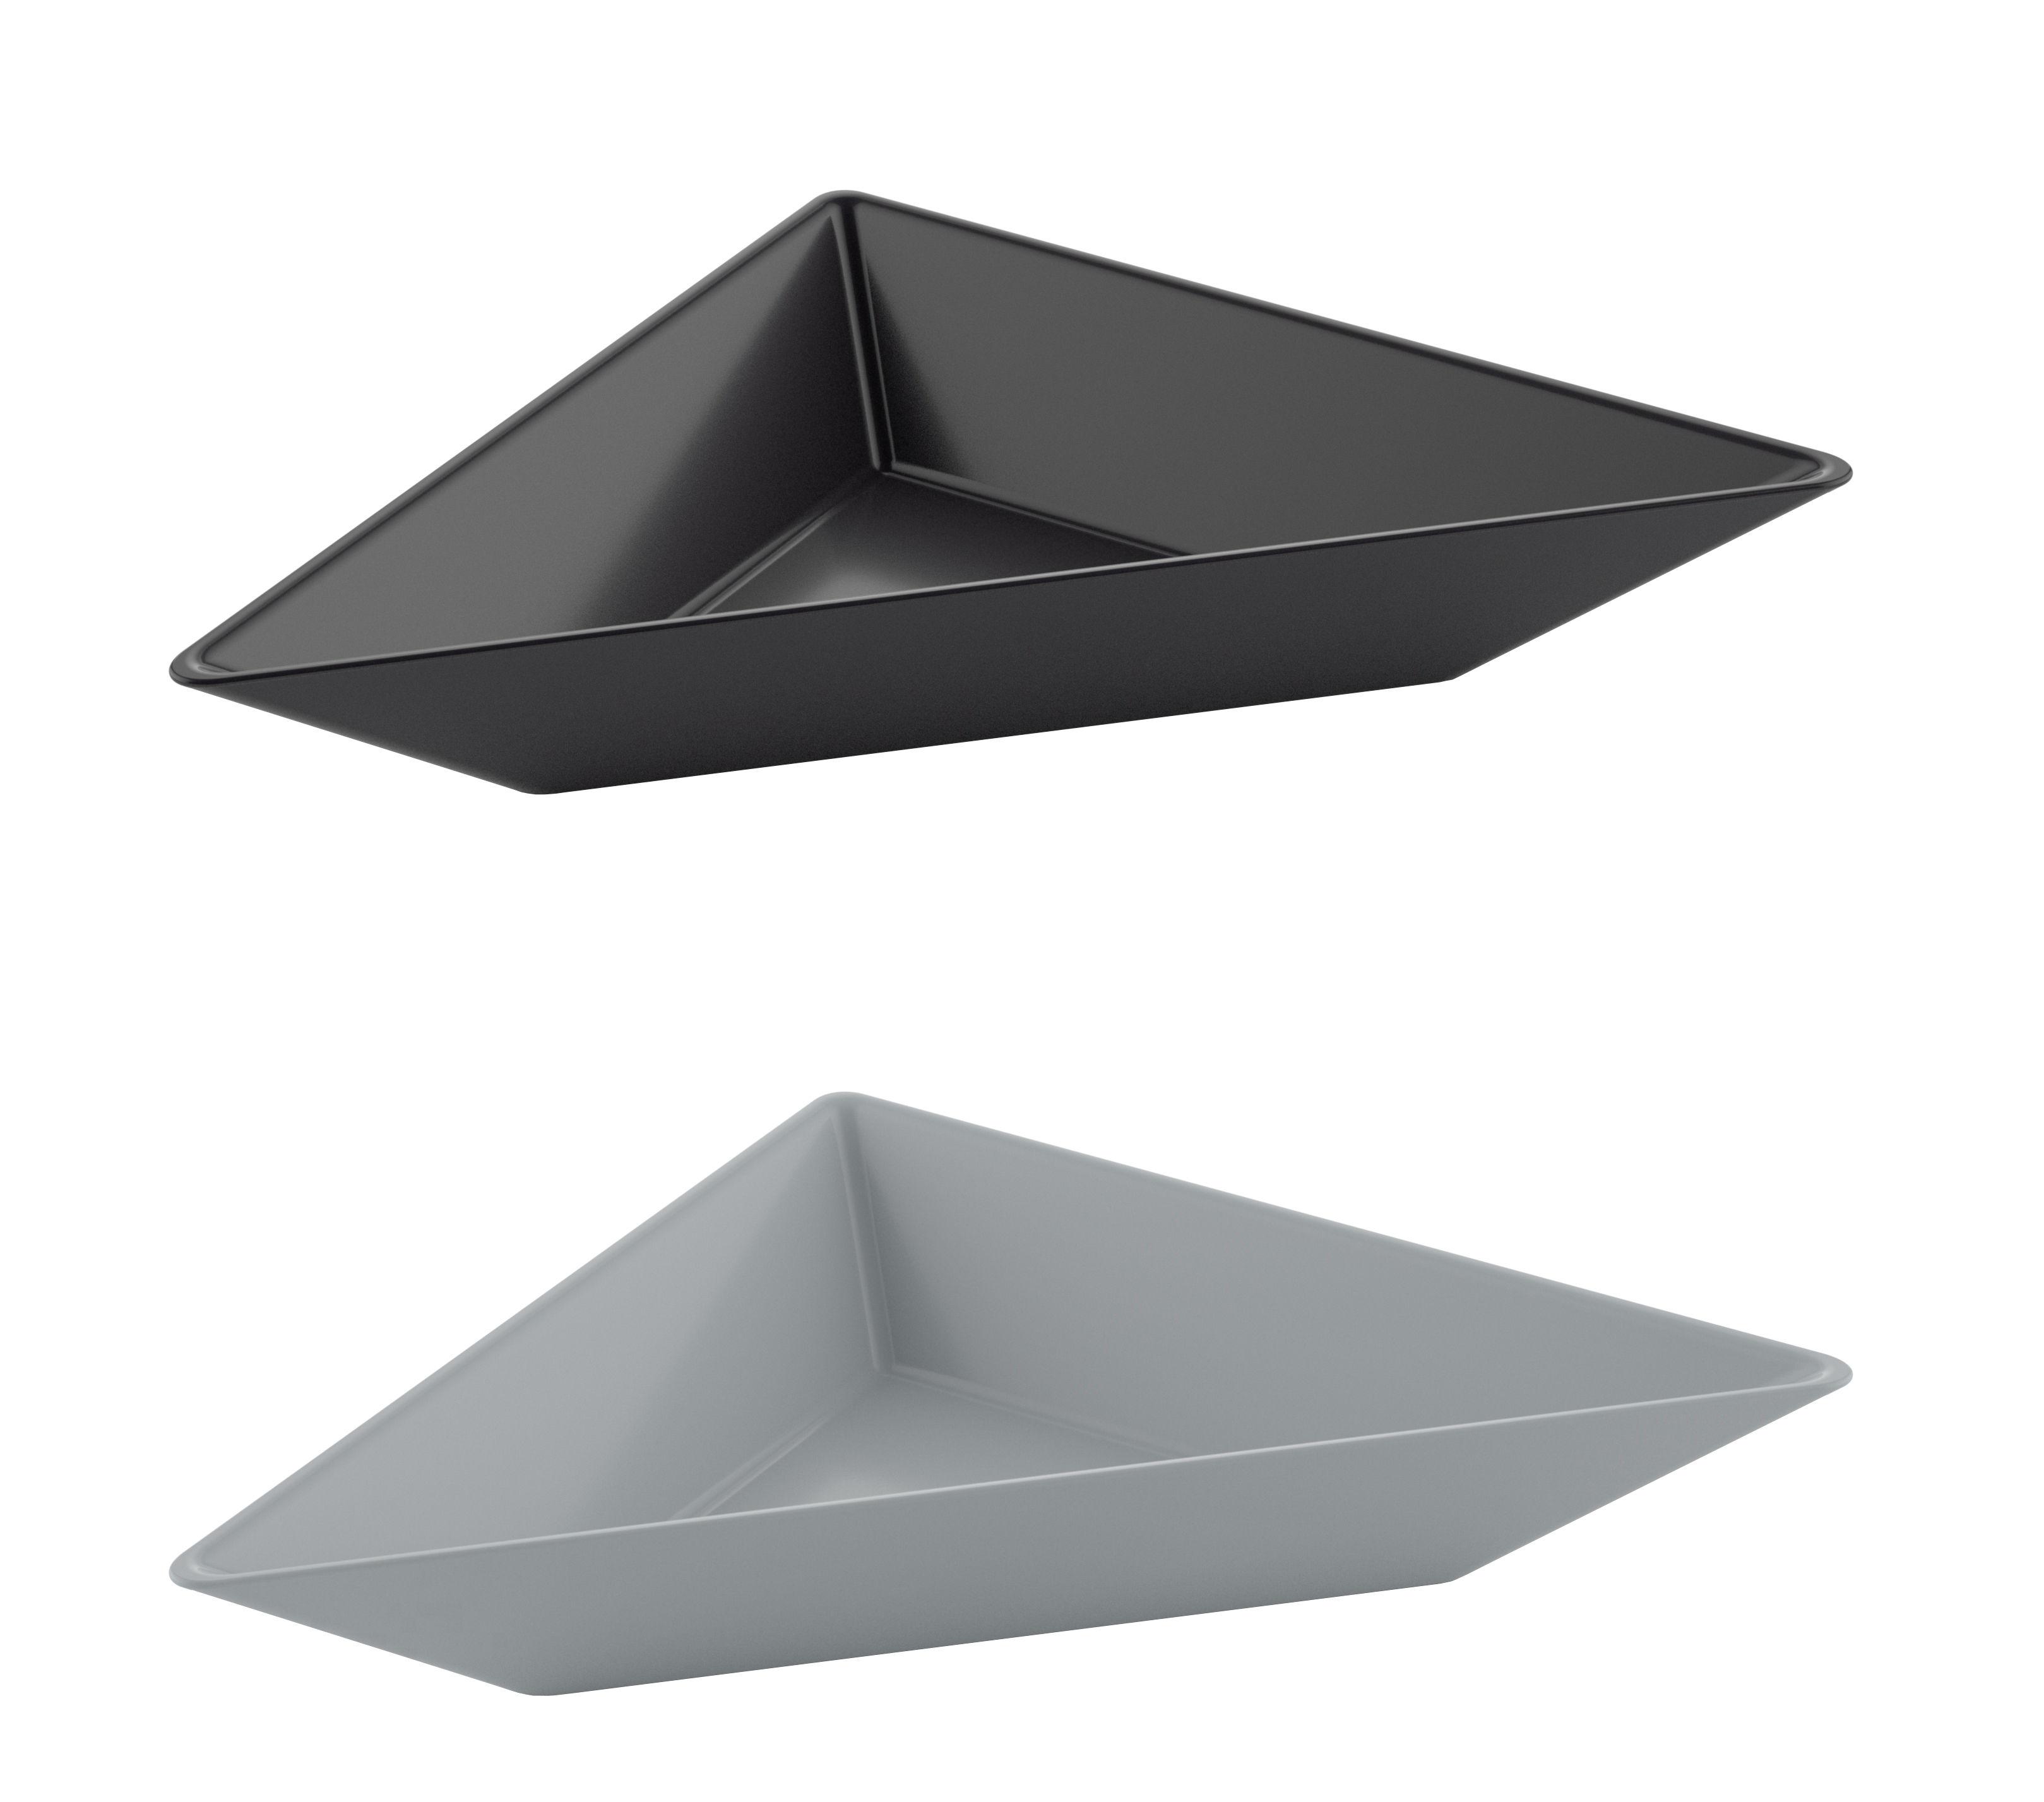 Tableware - Bowls - Tangram Small dish - / Set of 2 - 29 x 15 cm by Koziol - Blue-purple & pink - Plastic